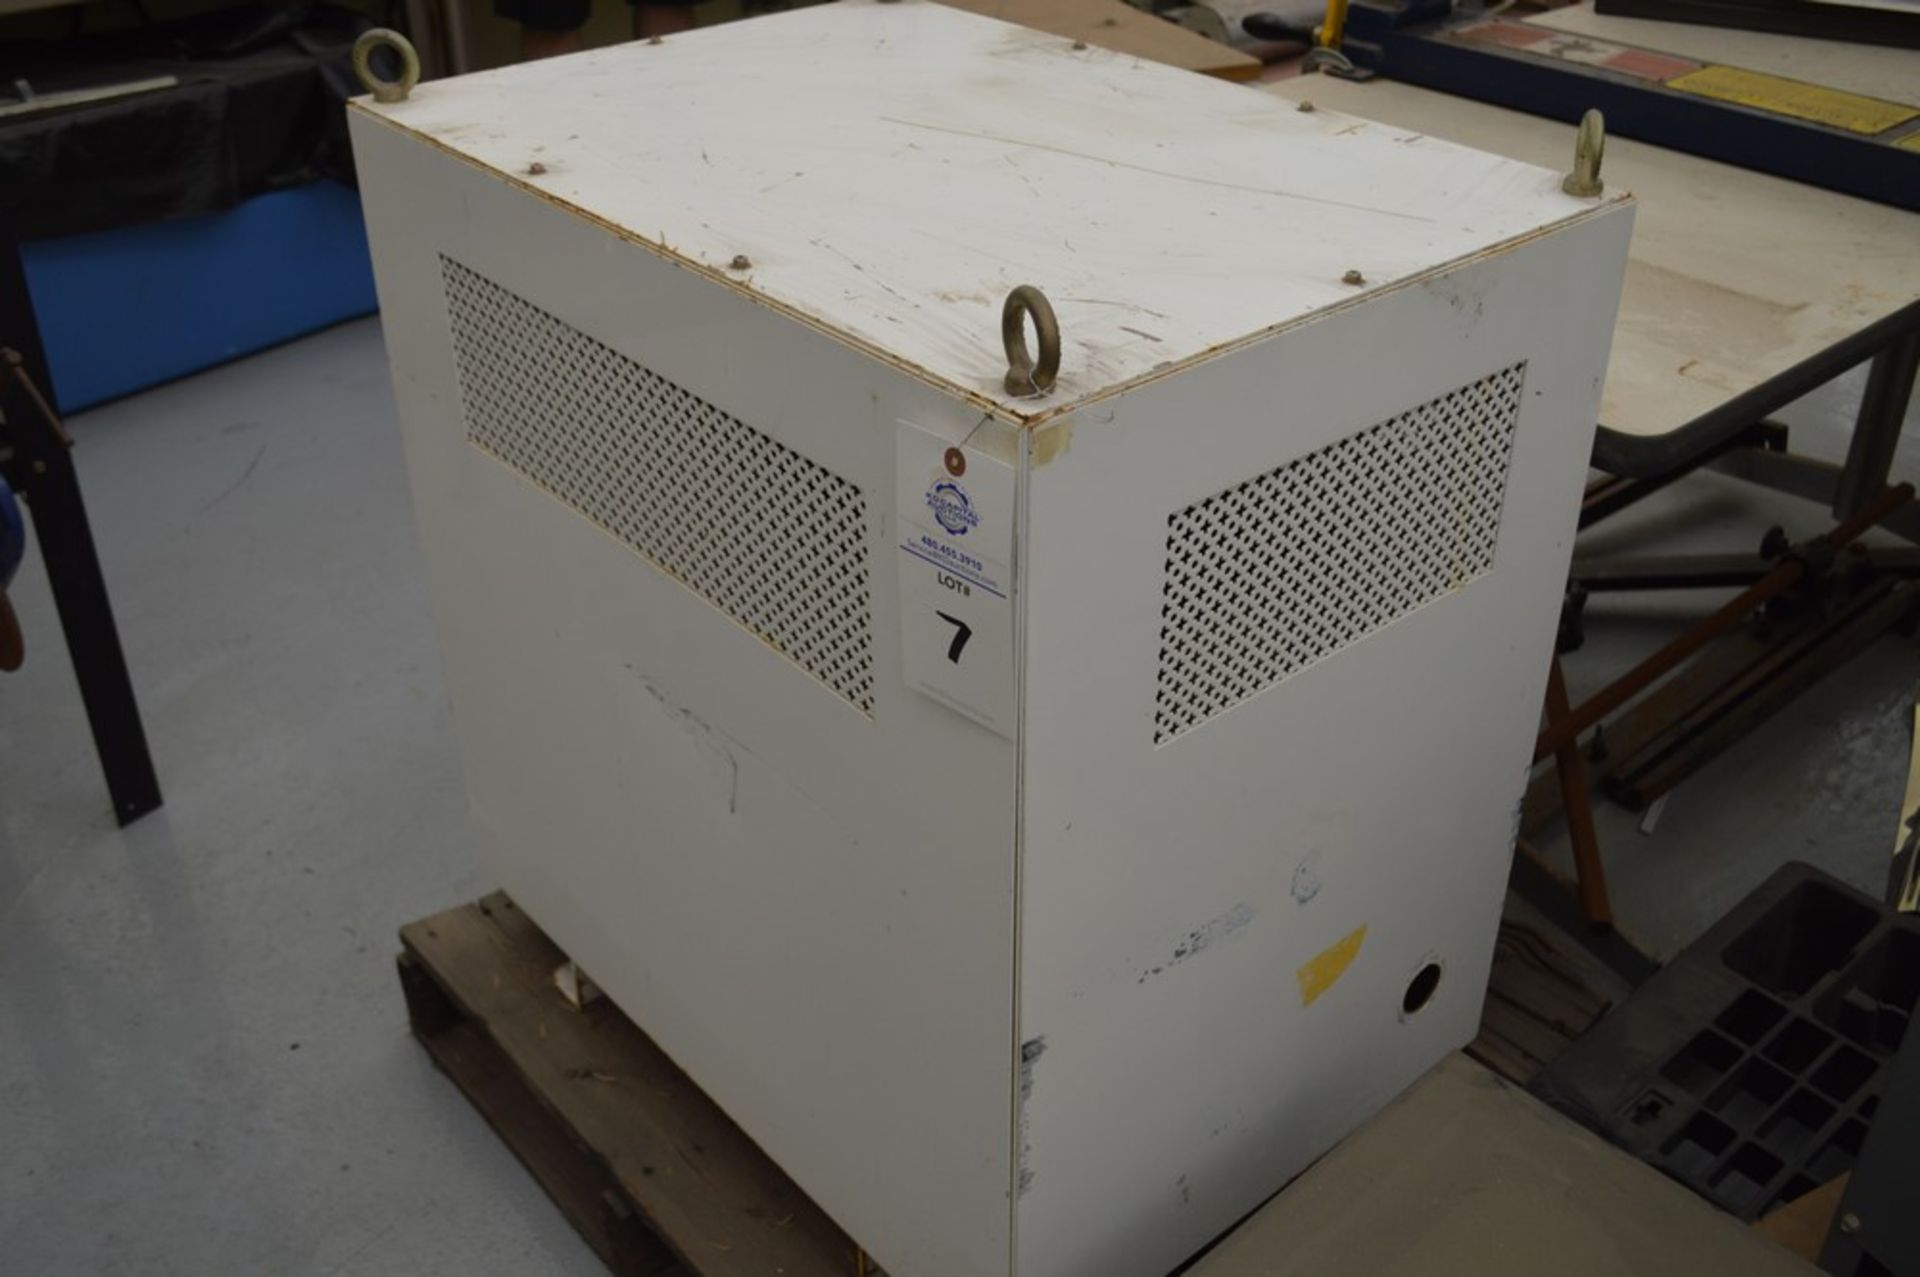 Tegi transformer 480 x 208 y, 200a - Image 2 of 6